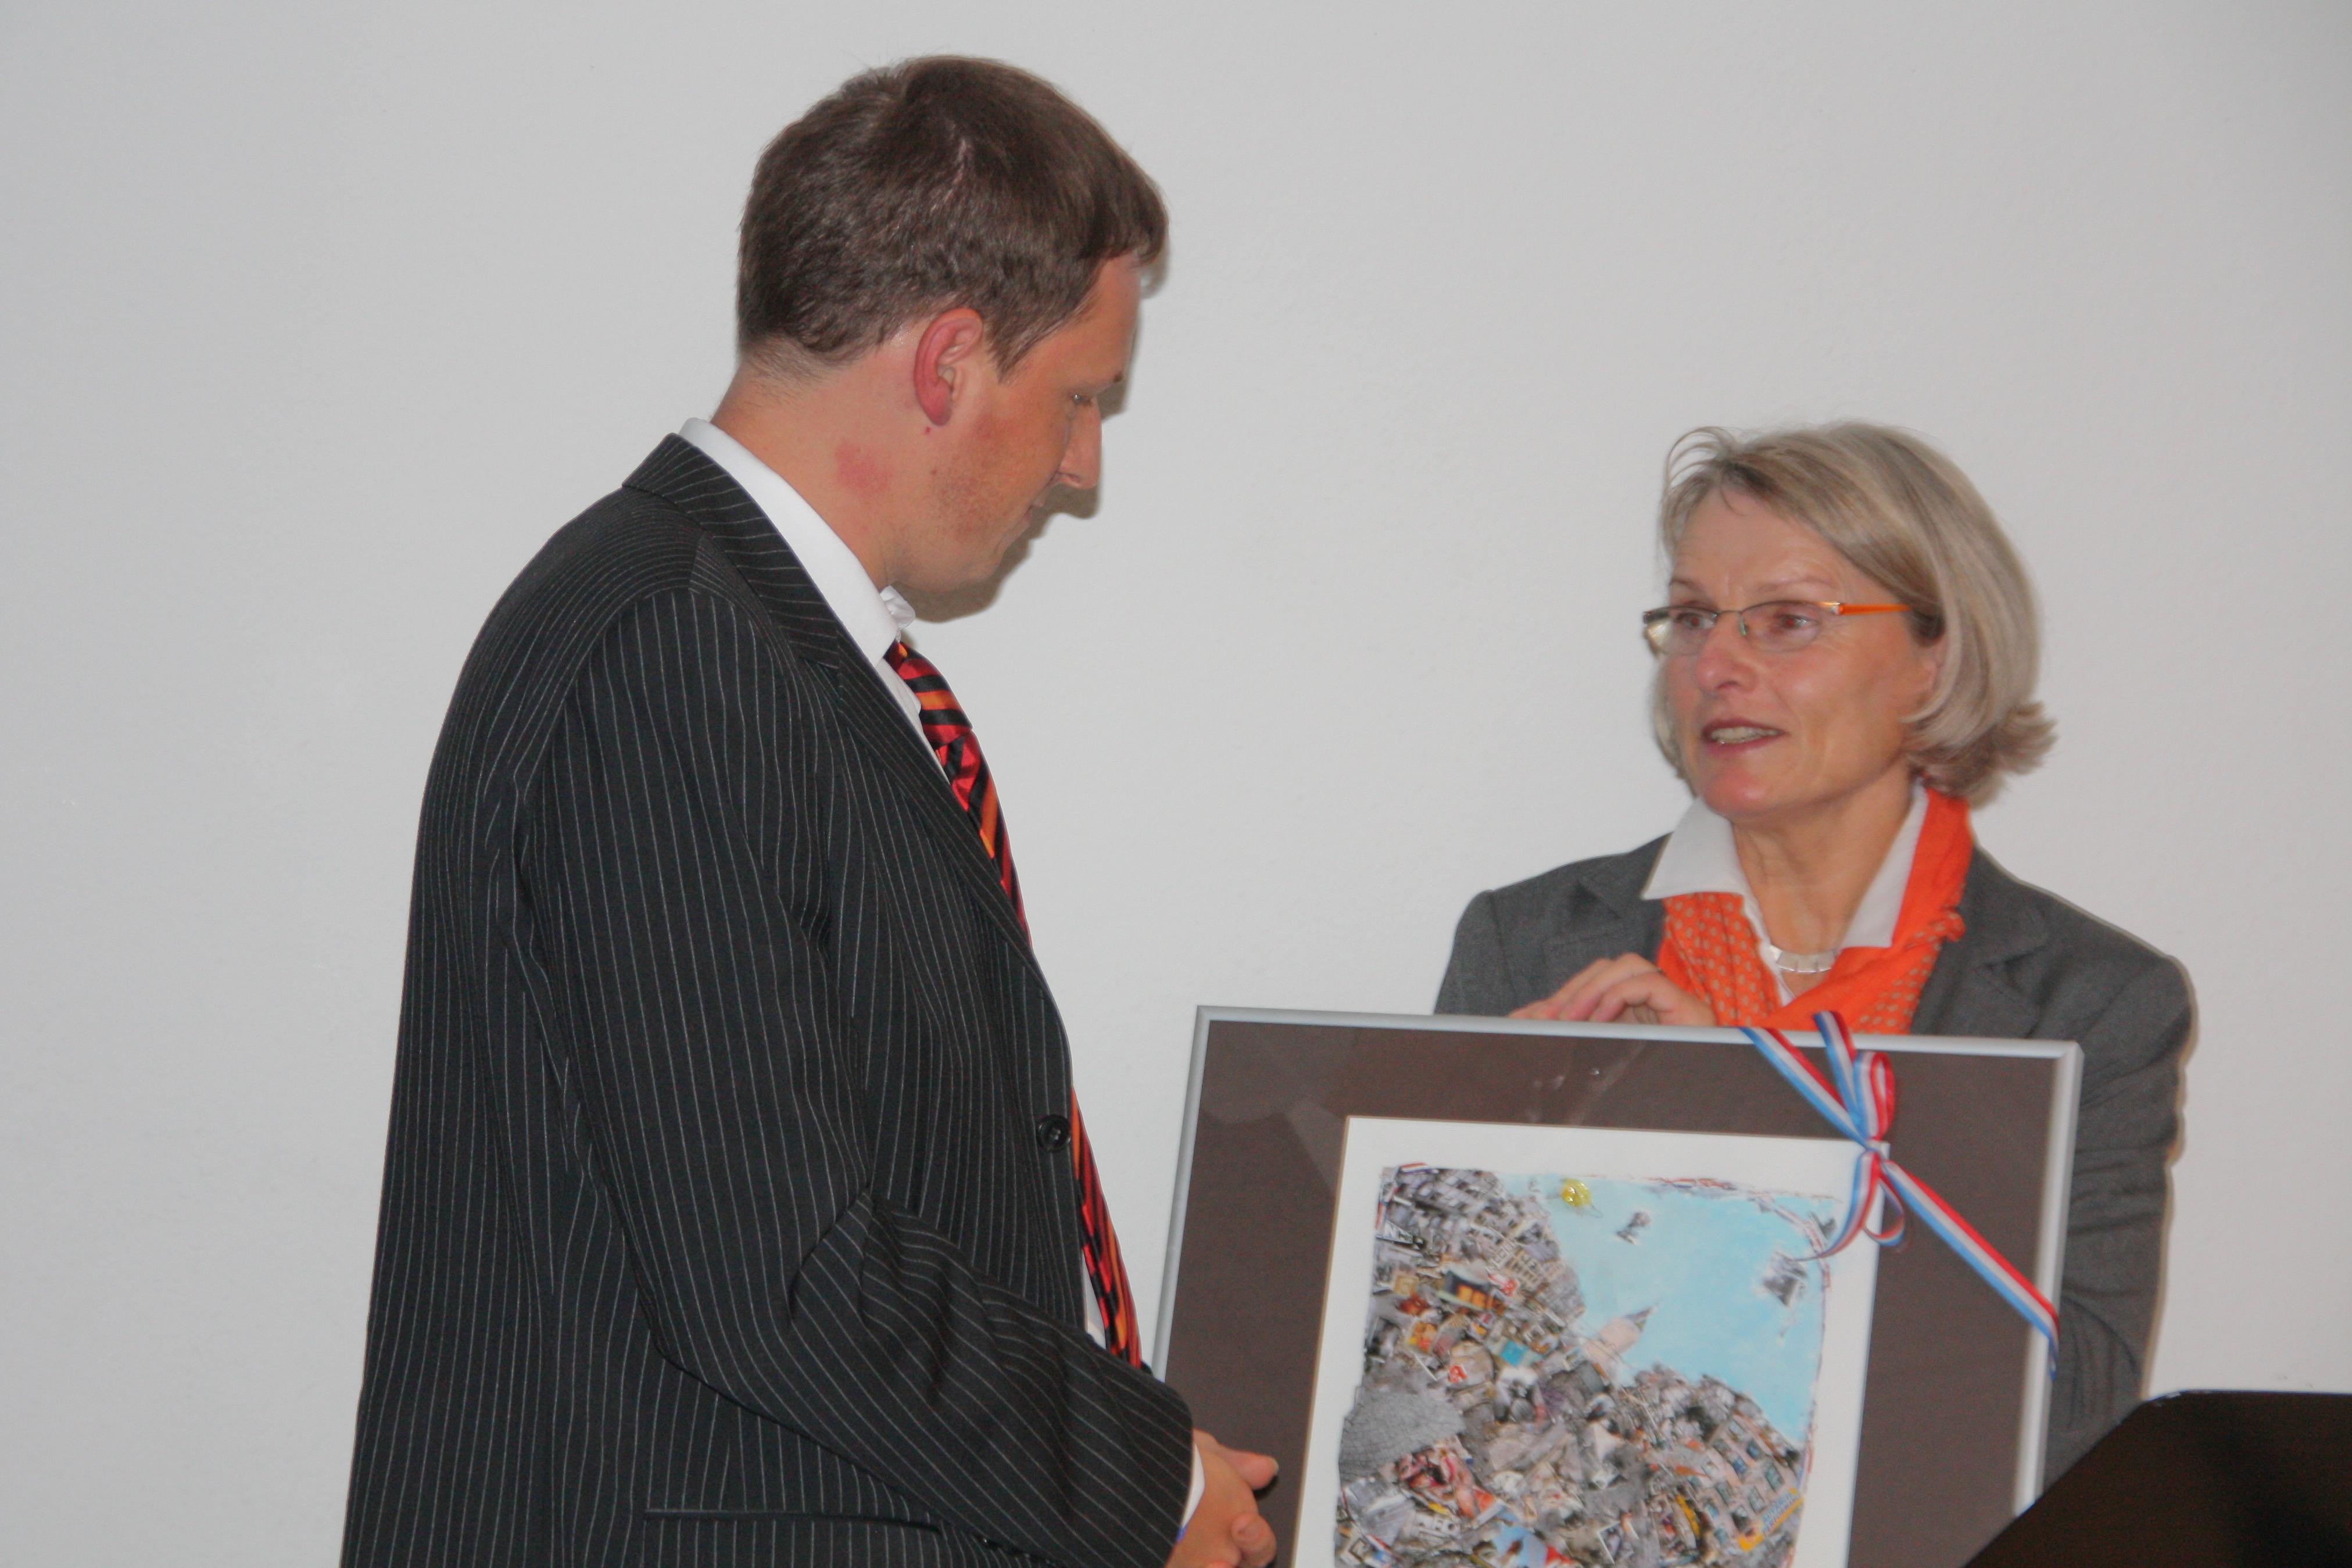 Robert Hauser in Mannheim Bilder News Infos aus dem Web